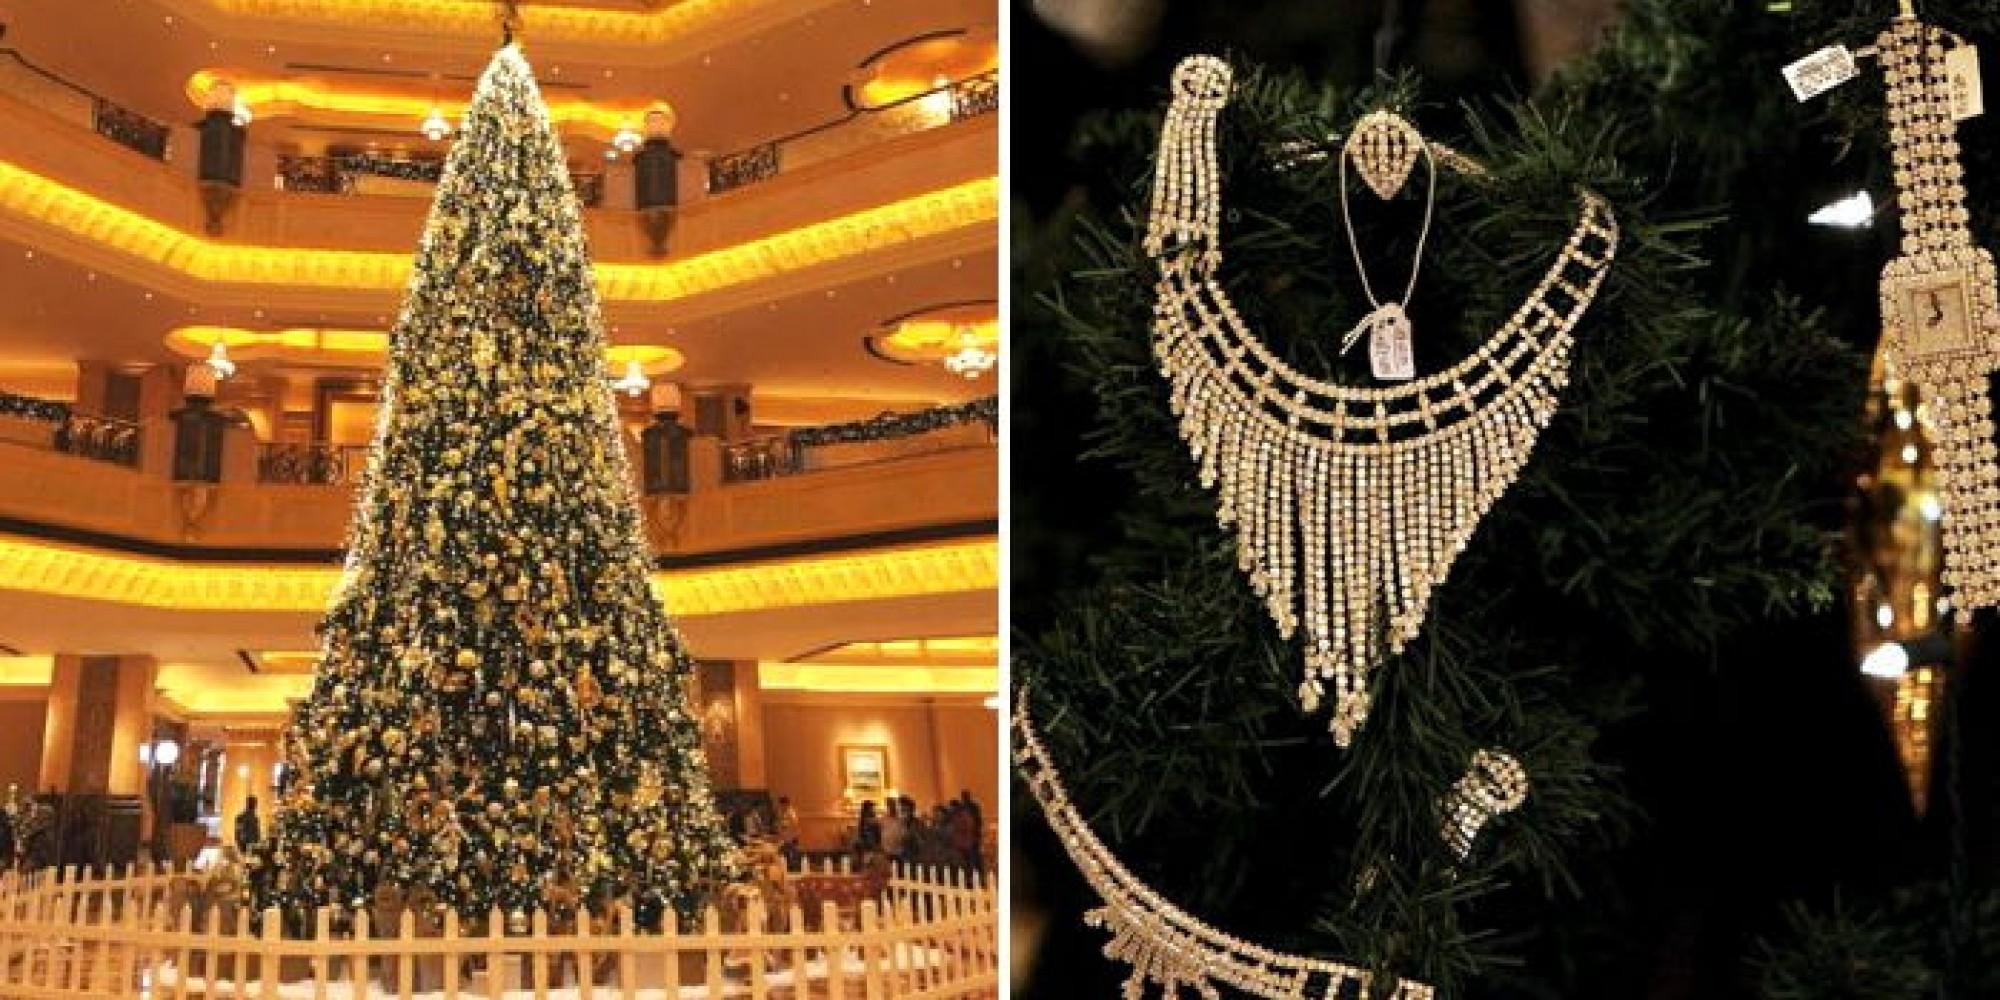 '다이아몬드', '사파이어'로 장식한 '132억' 크리스마스트리